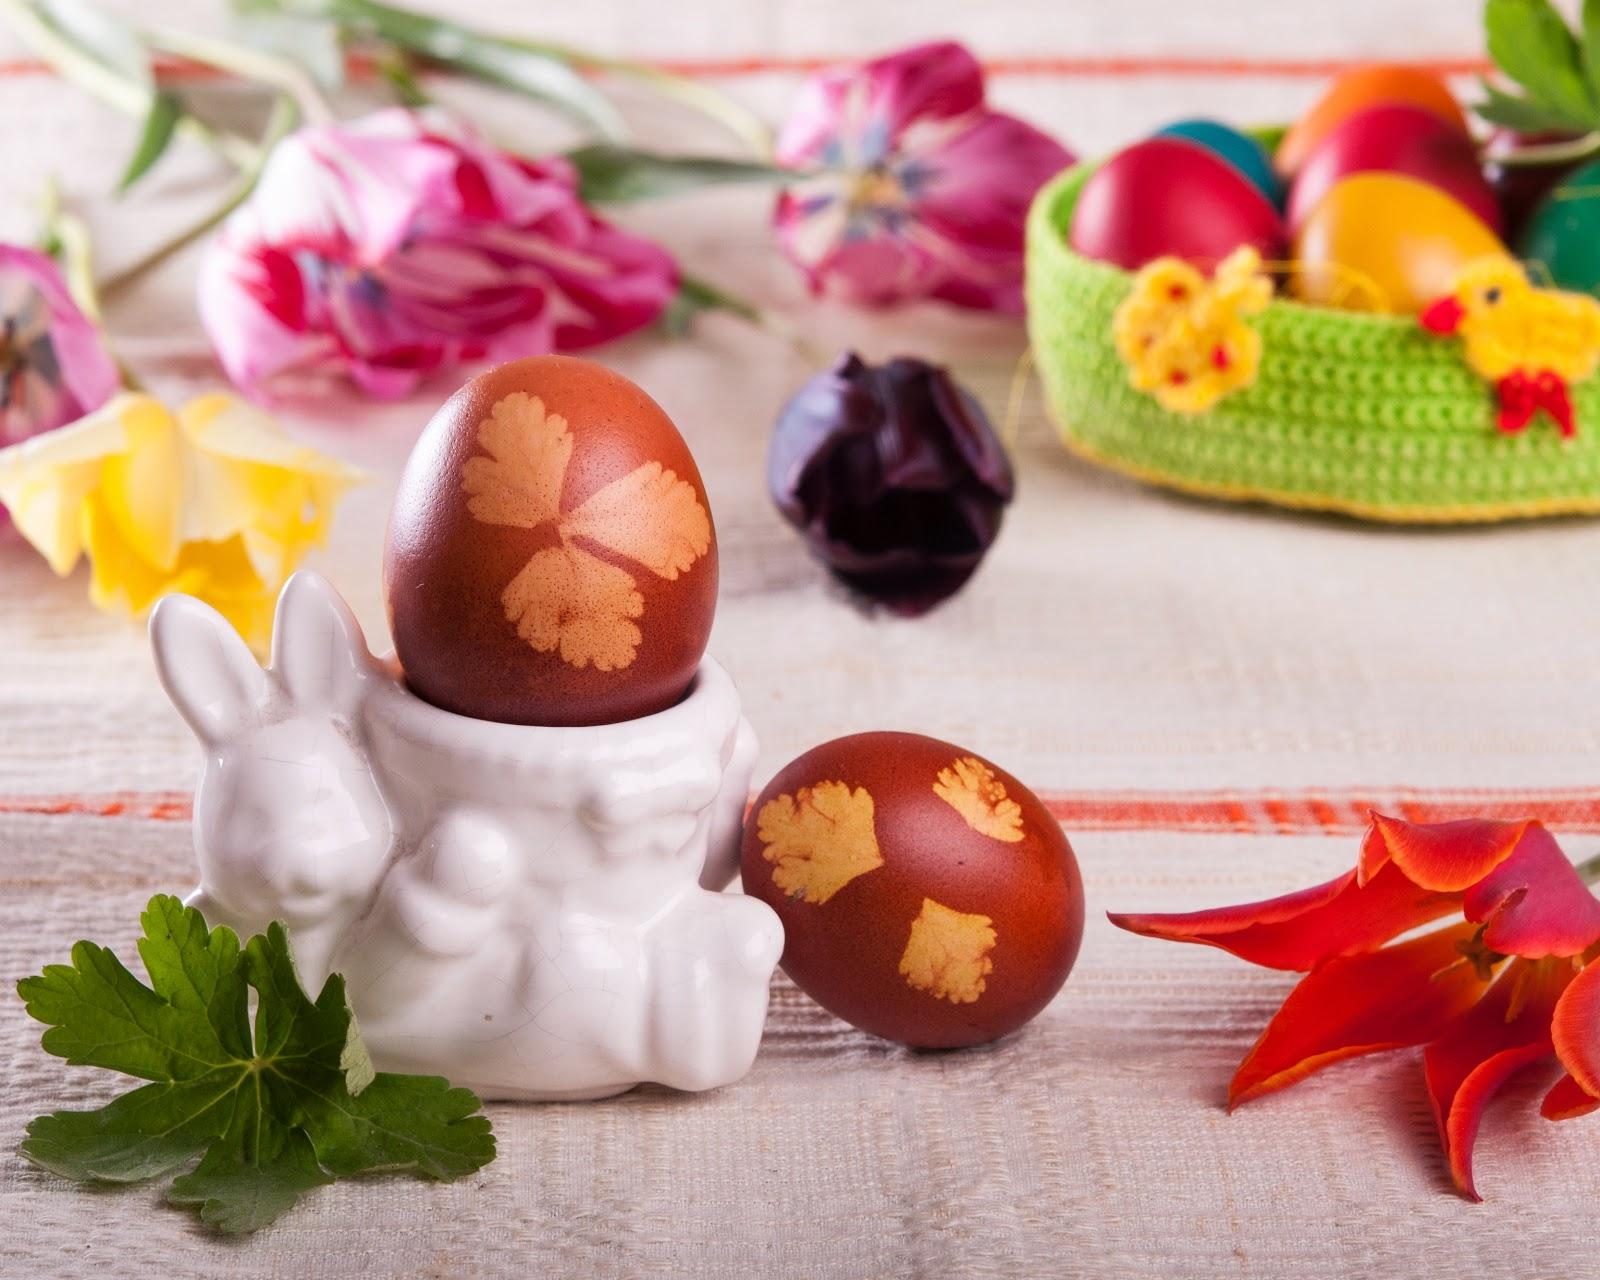 Великденски яйца боядисани с люспи от лук и отпечатани листа